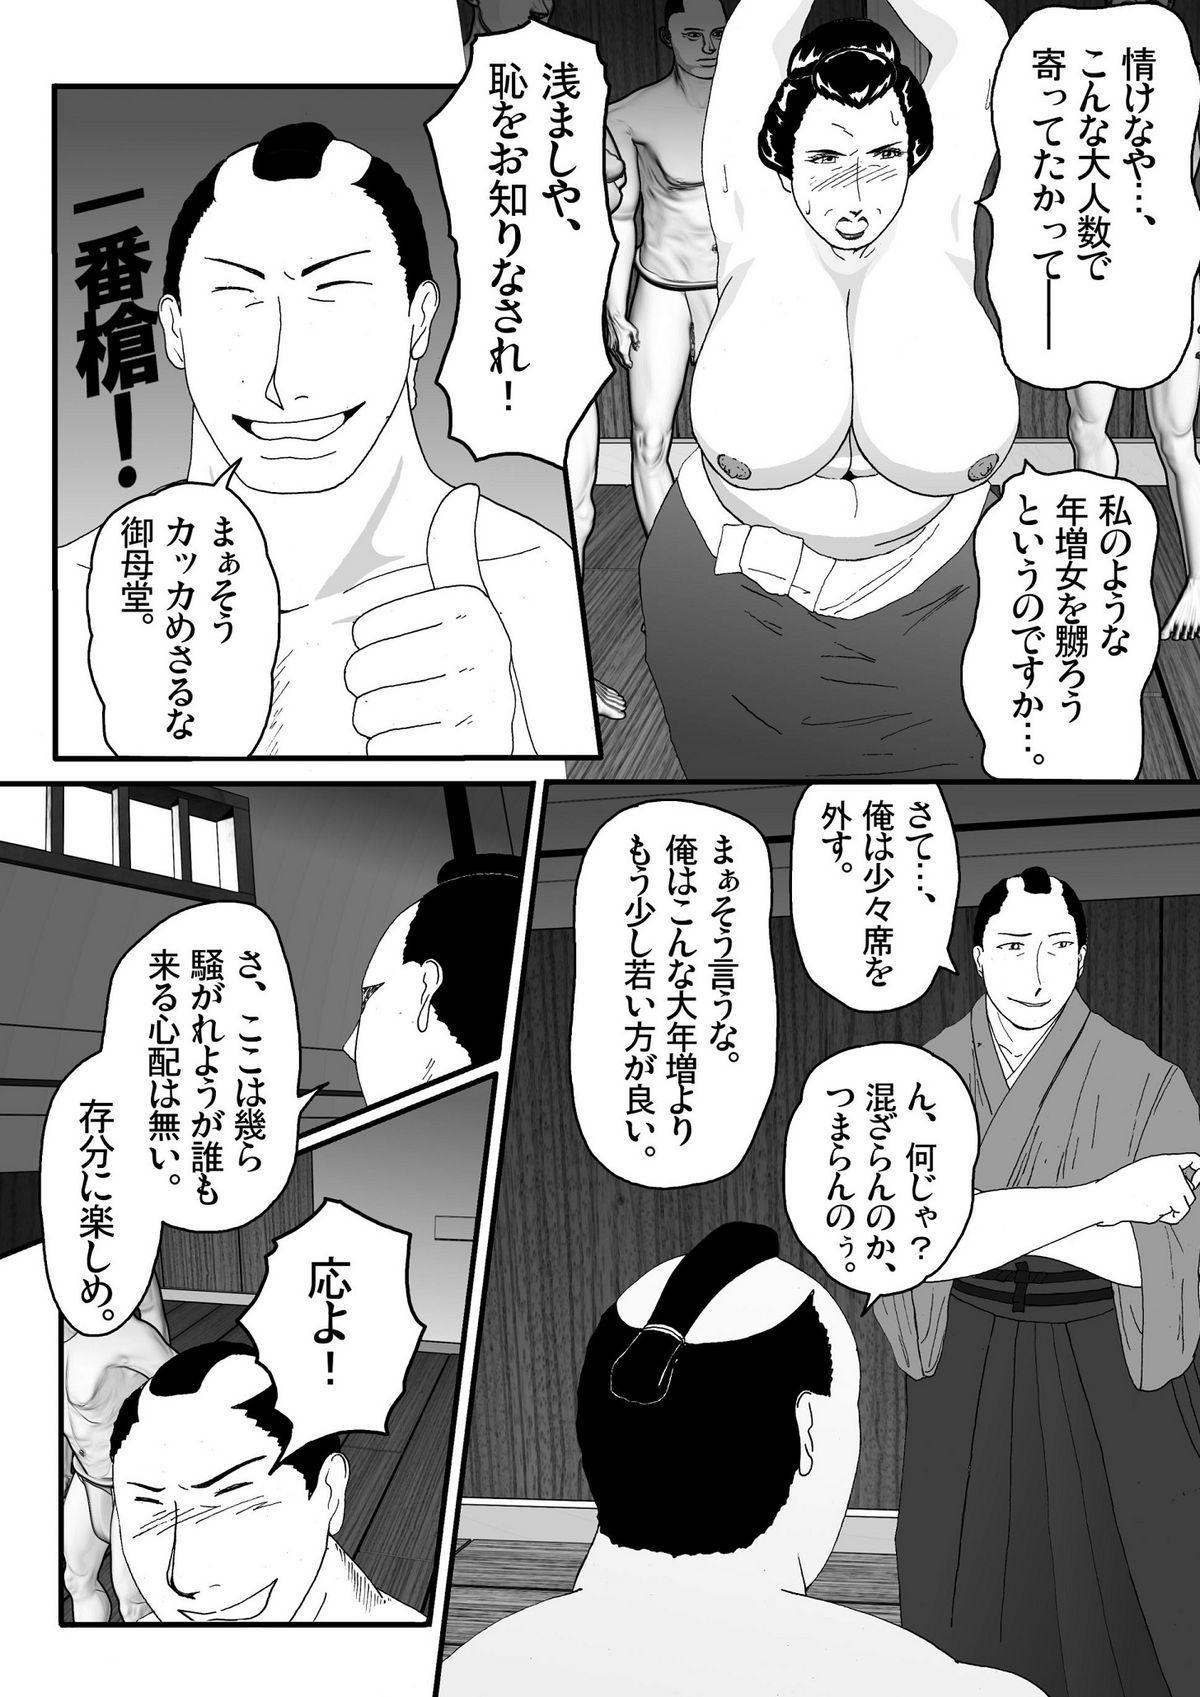 Toriko Naka Joku Hana 8